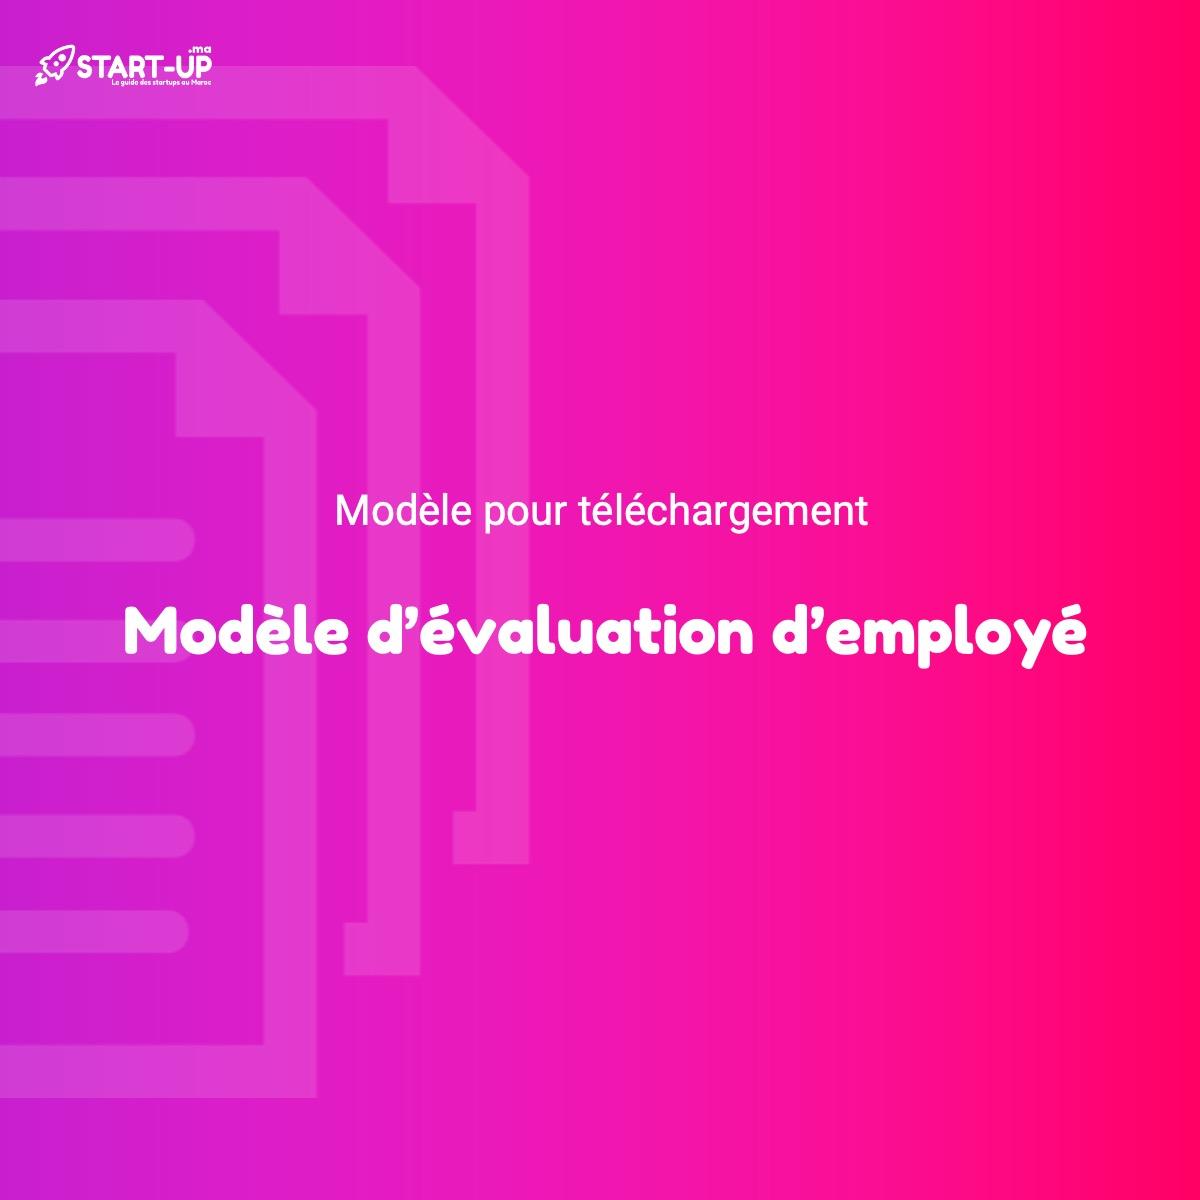 Modèle d'évaluation d'employé